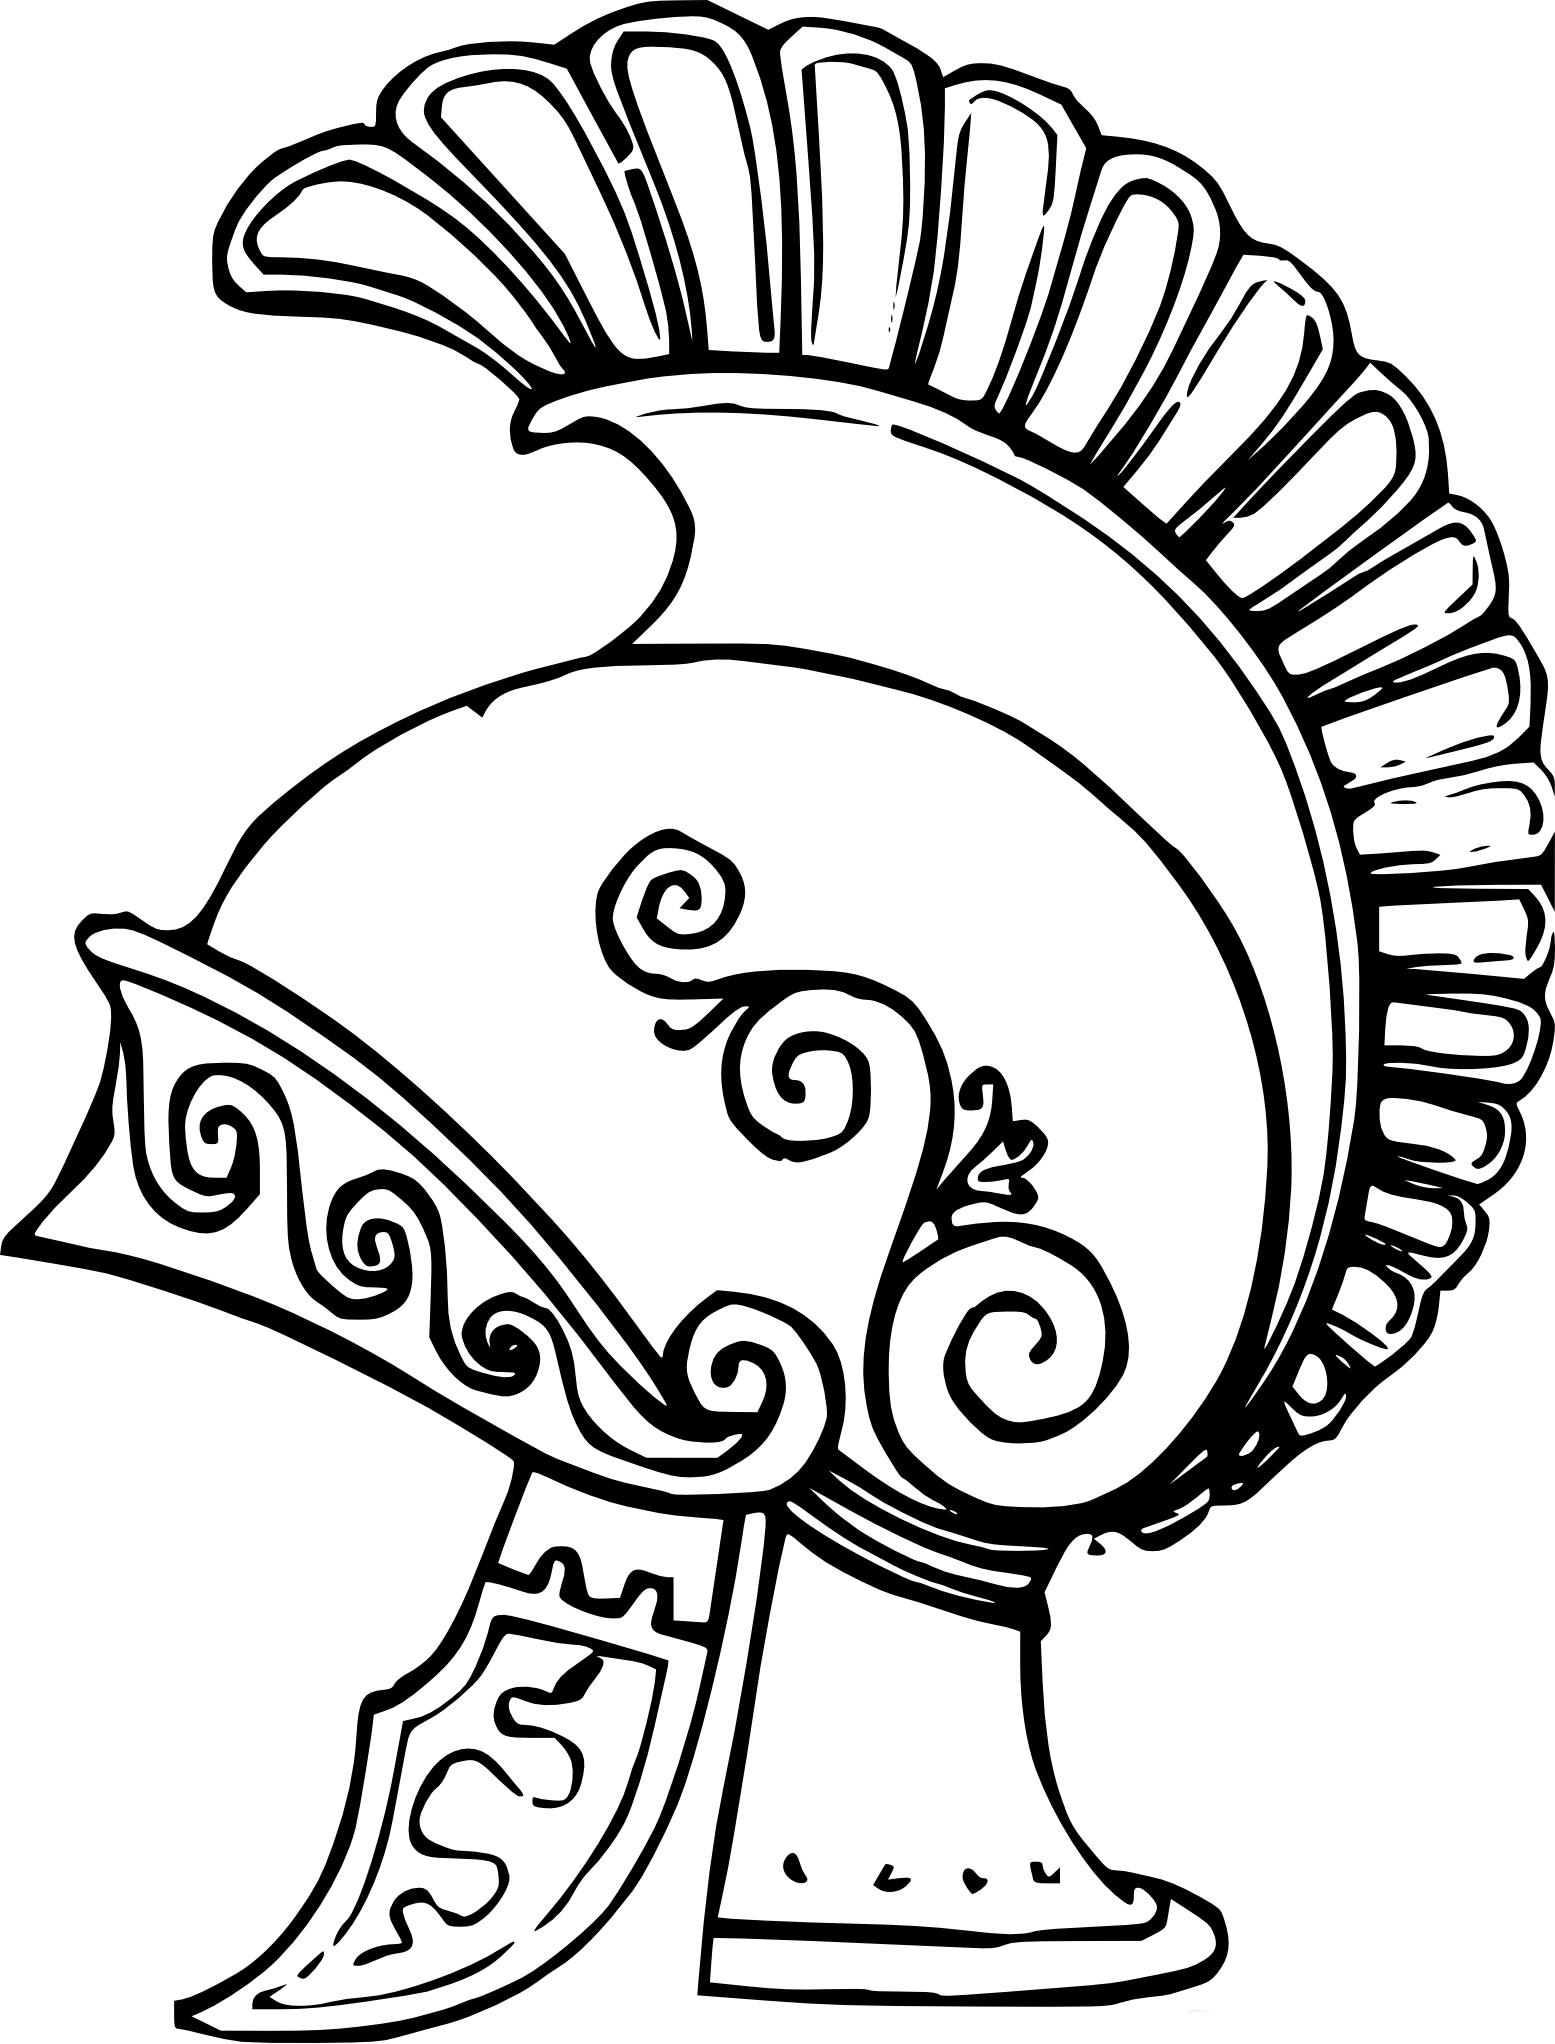 Coloriage casque romain imprimer - Dessin casque moto ...